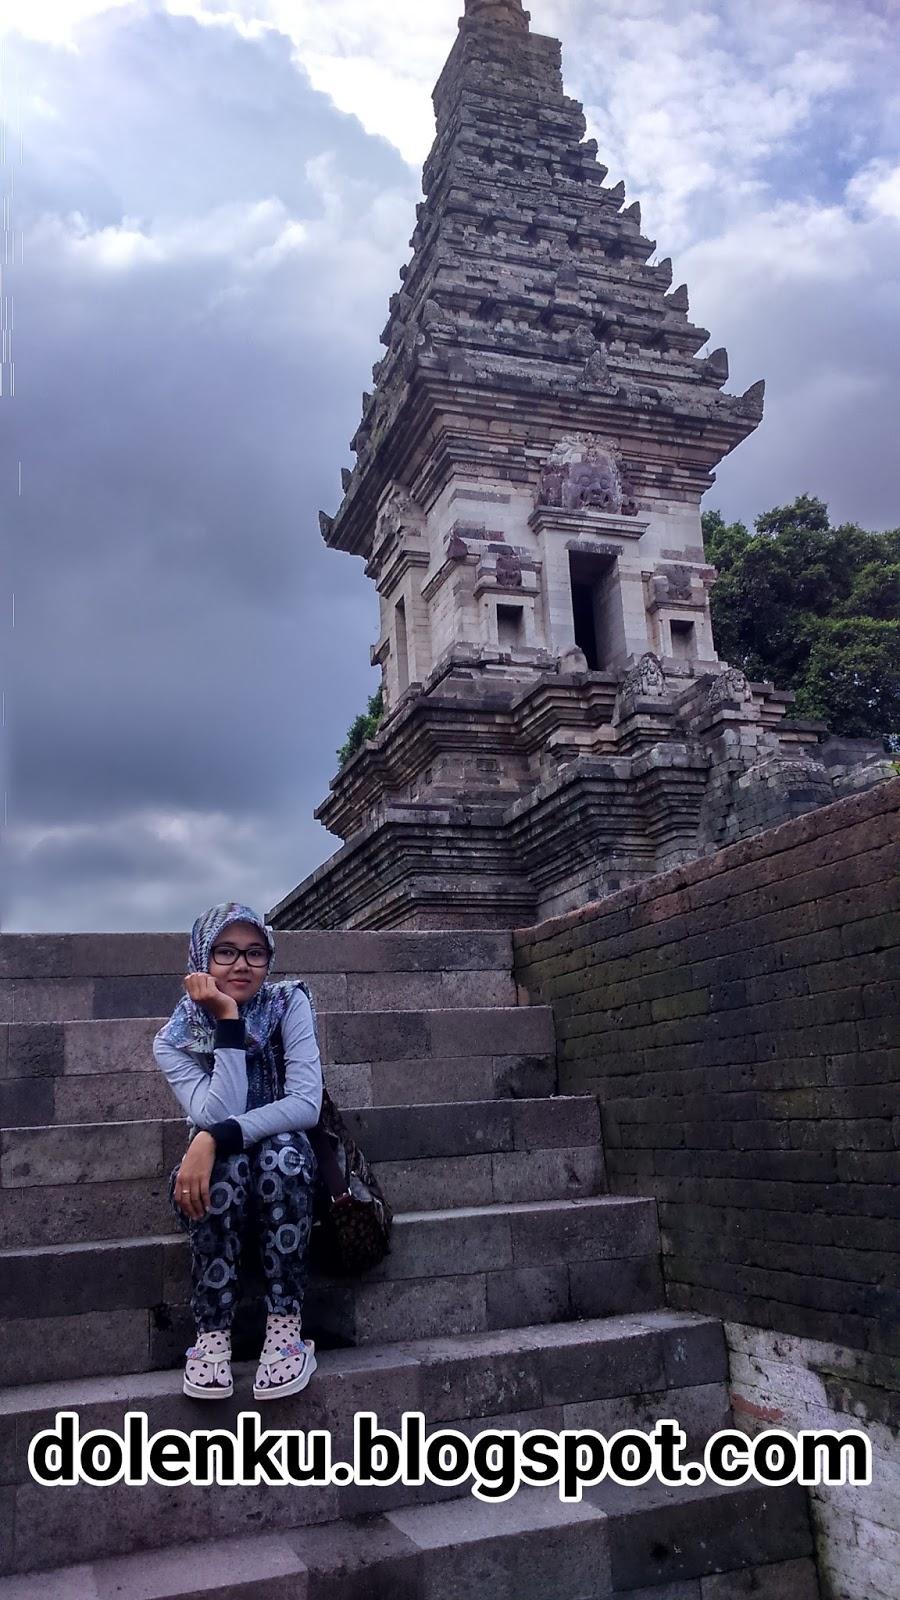 Indahnya Candi Jawi Prigen Wisata Jawa Timur Kab Pasuruan